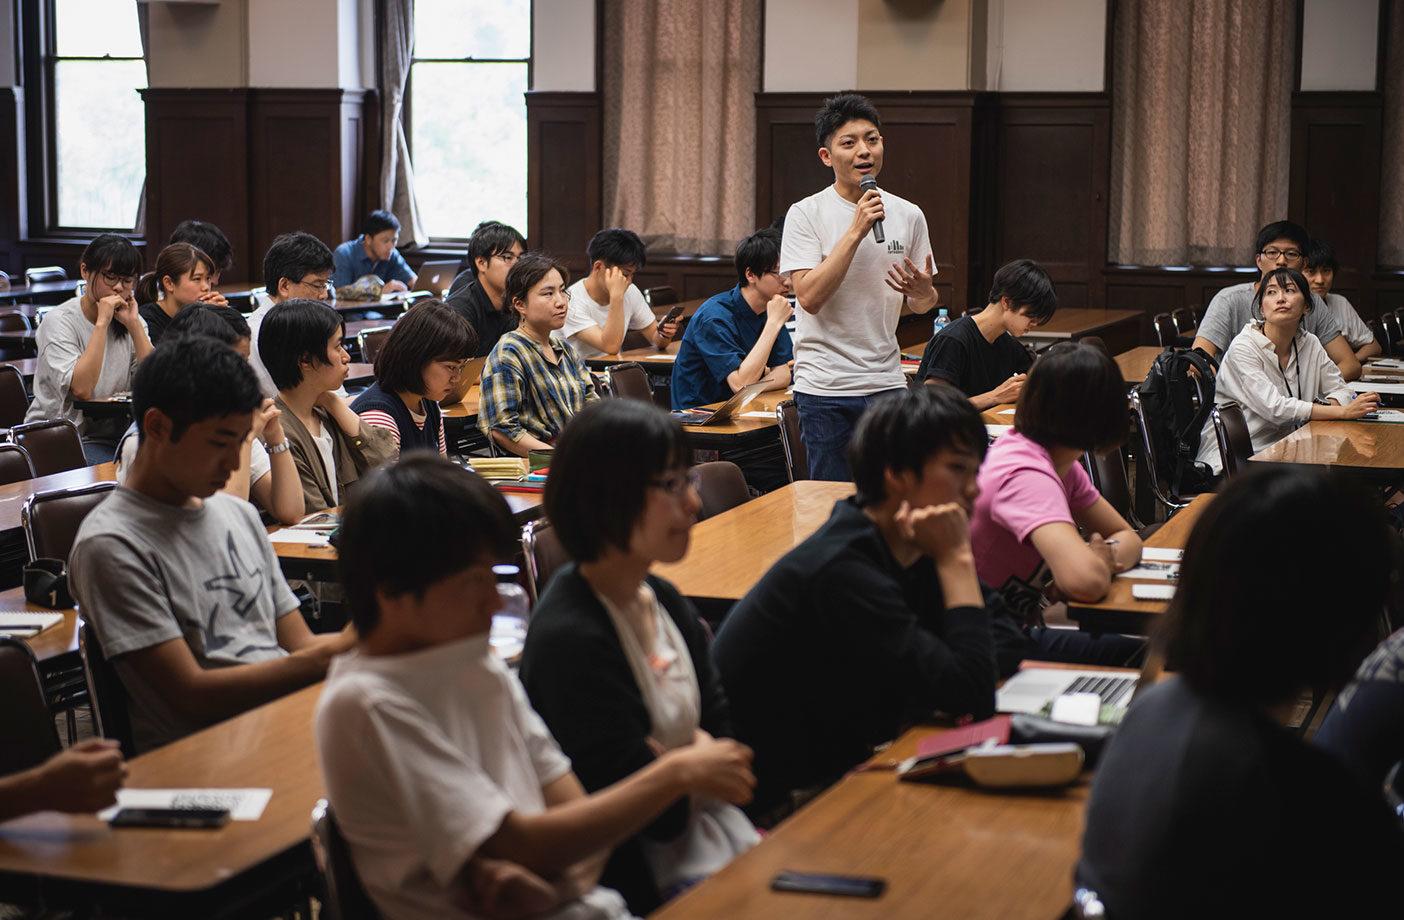 クレマー氏に積極的に質問を投げかける生徒たち Photo: Jason Halayko